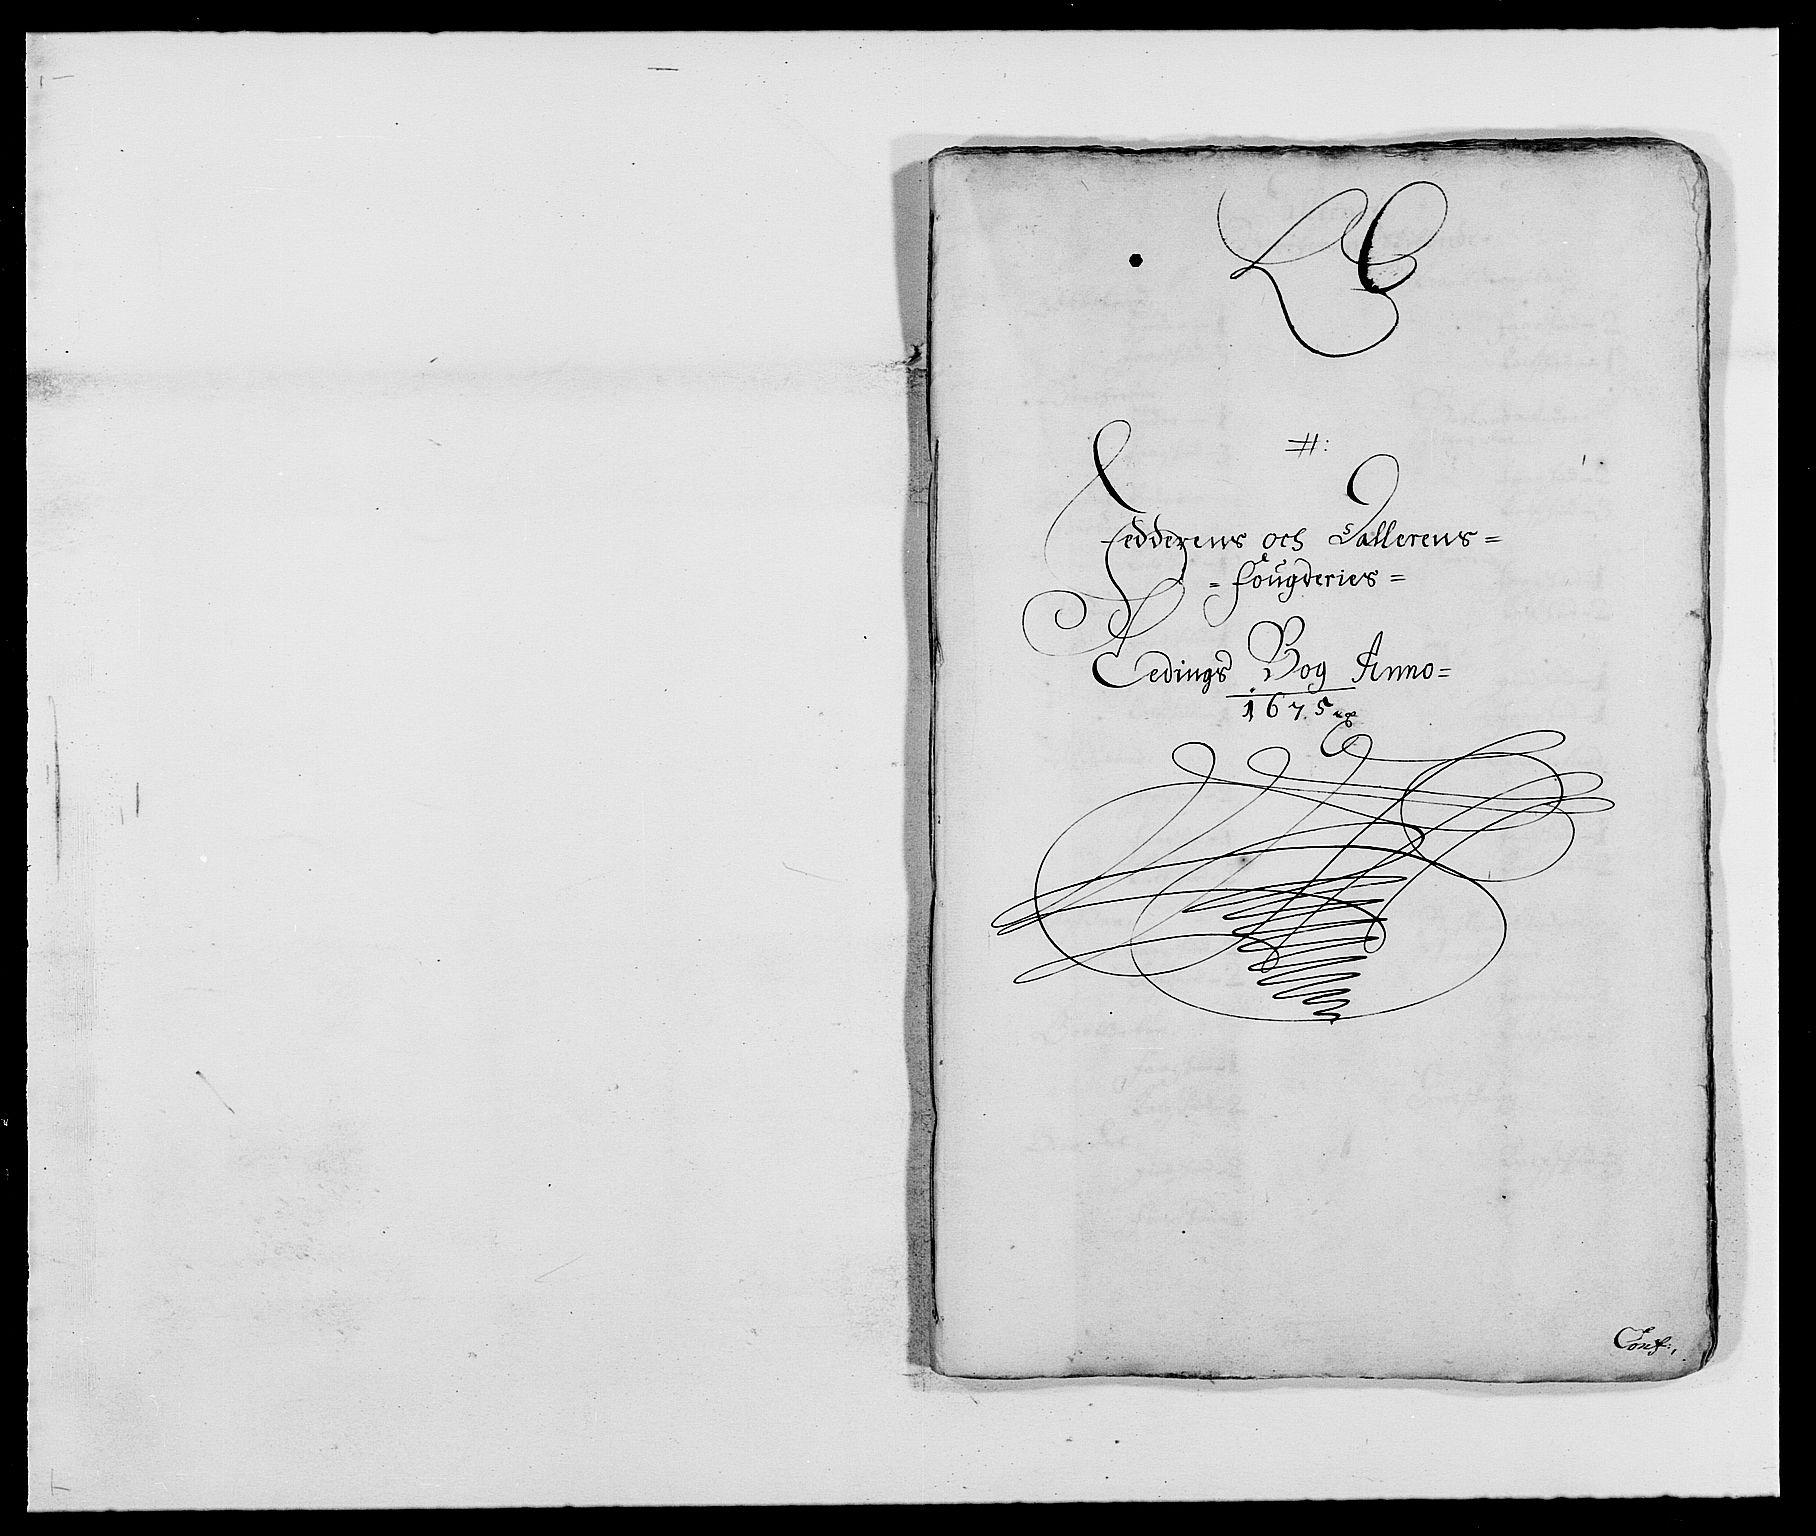 RA, Rentekammeret inntil 1814, Reviderte regnskaper, Fogderegnskap, R46/L2715: Fogderegnskap Jæren og Dalane, 1675, s. 100